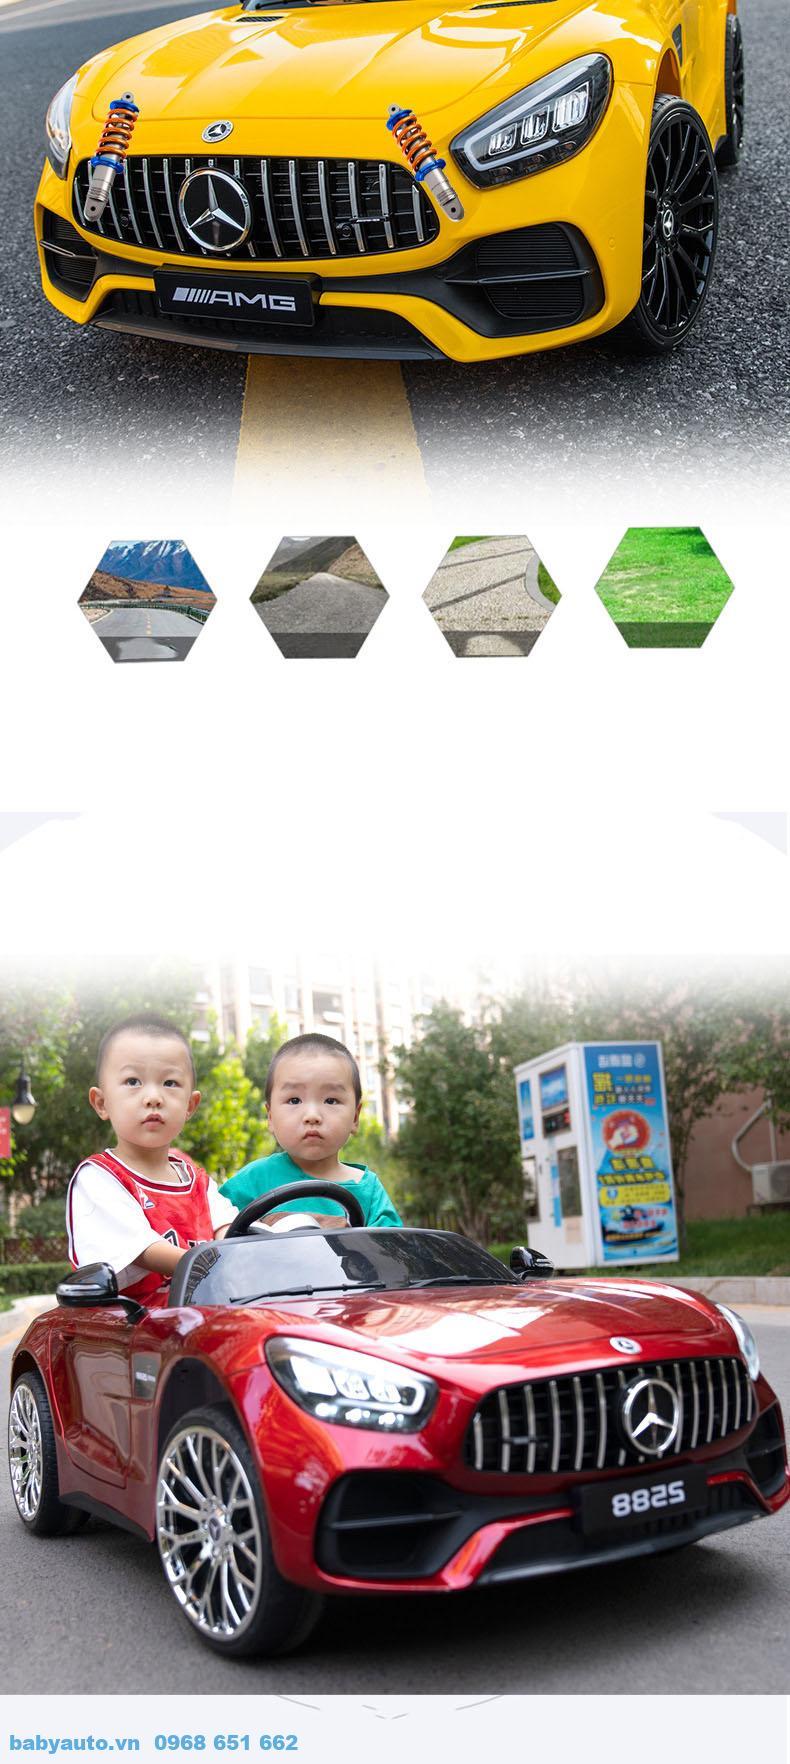 Xe trang bị bánh thiết kế chất liệu nhựa cao cấp cùng vành cao su giúp xe vận hành phù hợp mọi địa hình